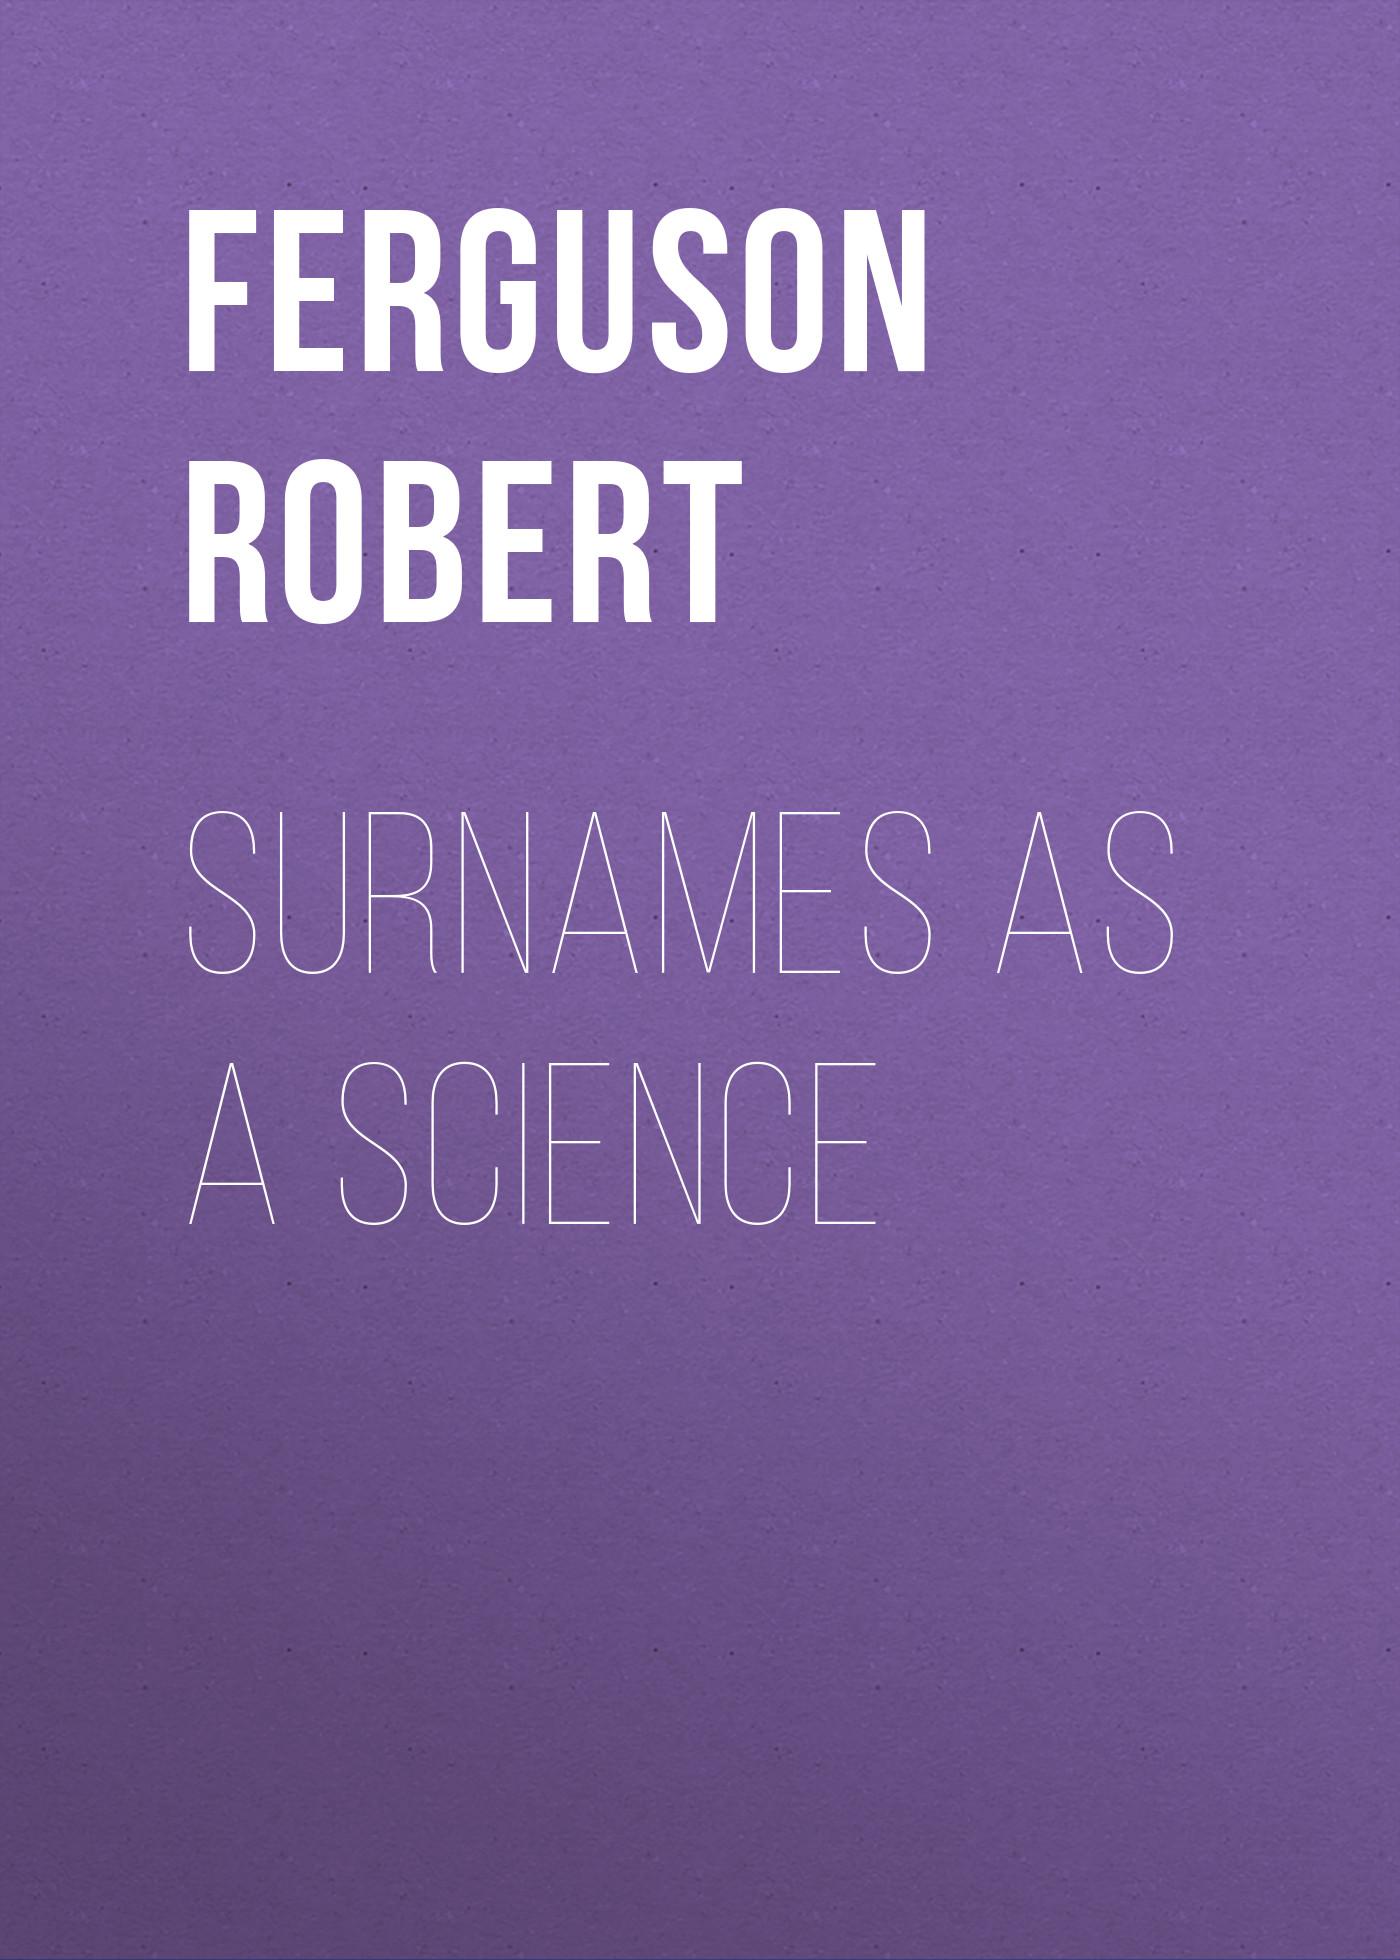 Ferguson Robert Surnames as a Science black edith ferguson a princess in calico